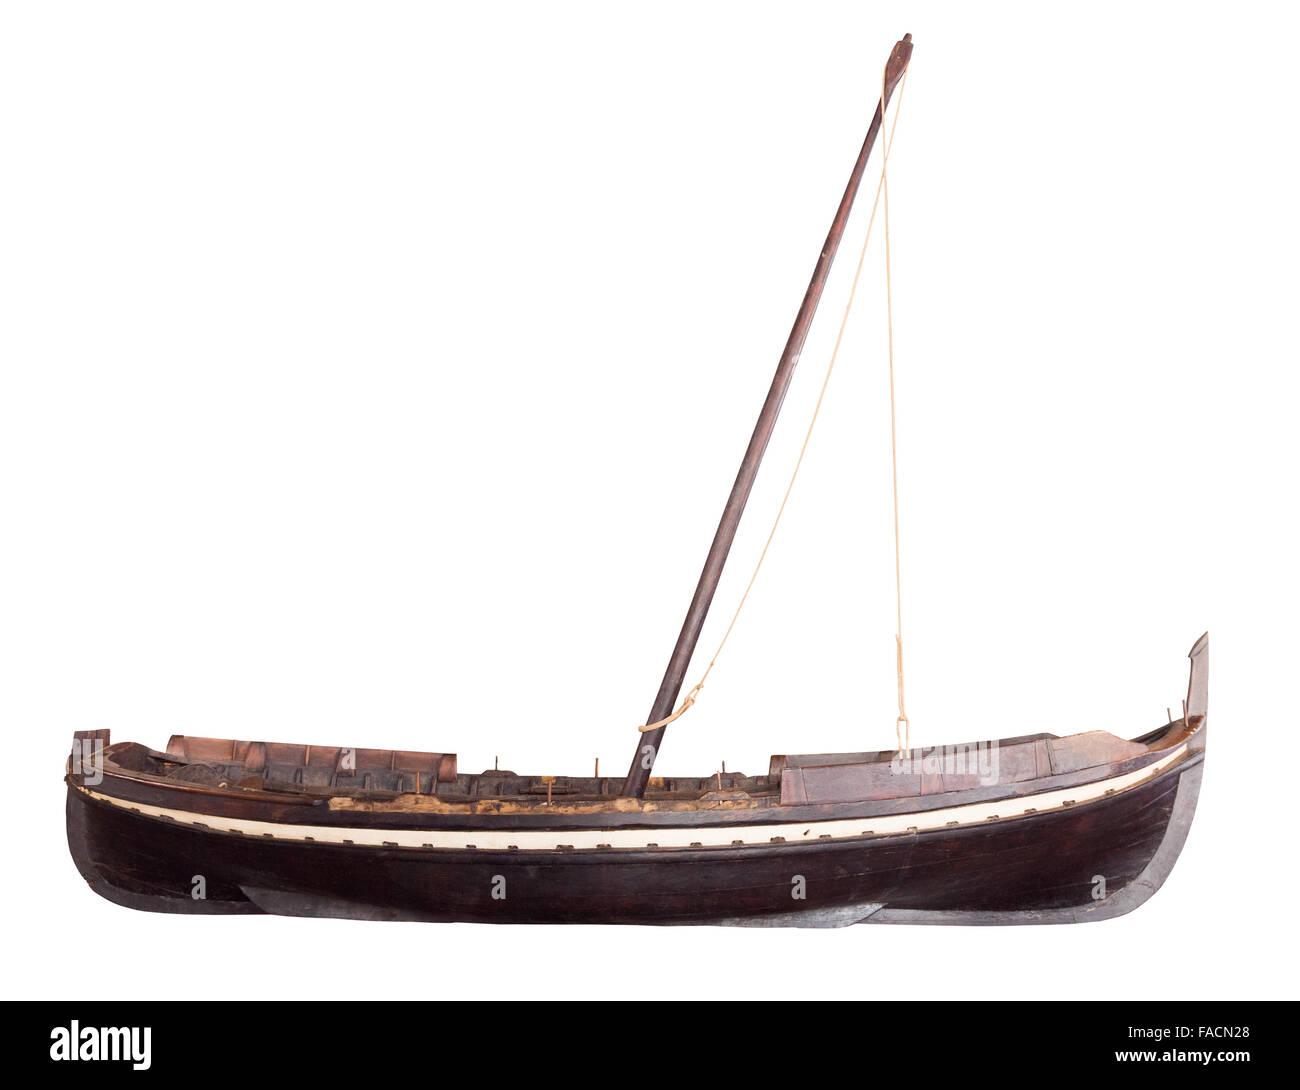 Retro boat, isolated on white - Stock Image